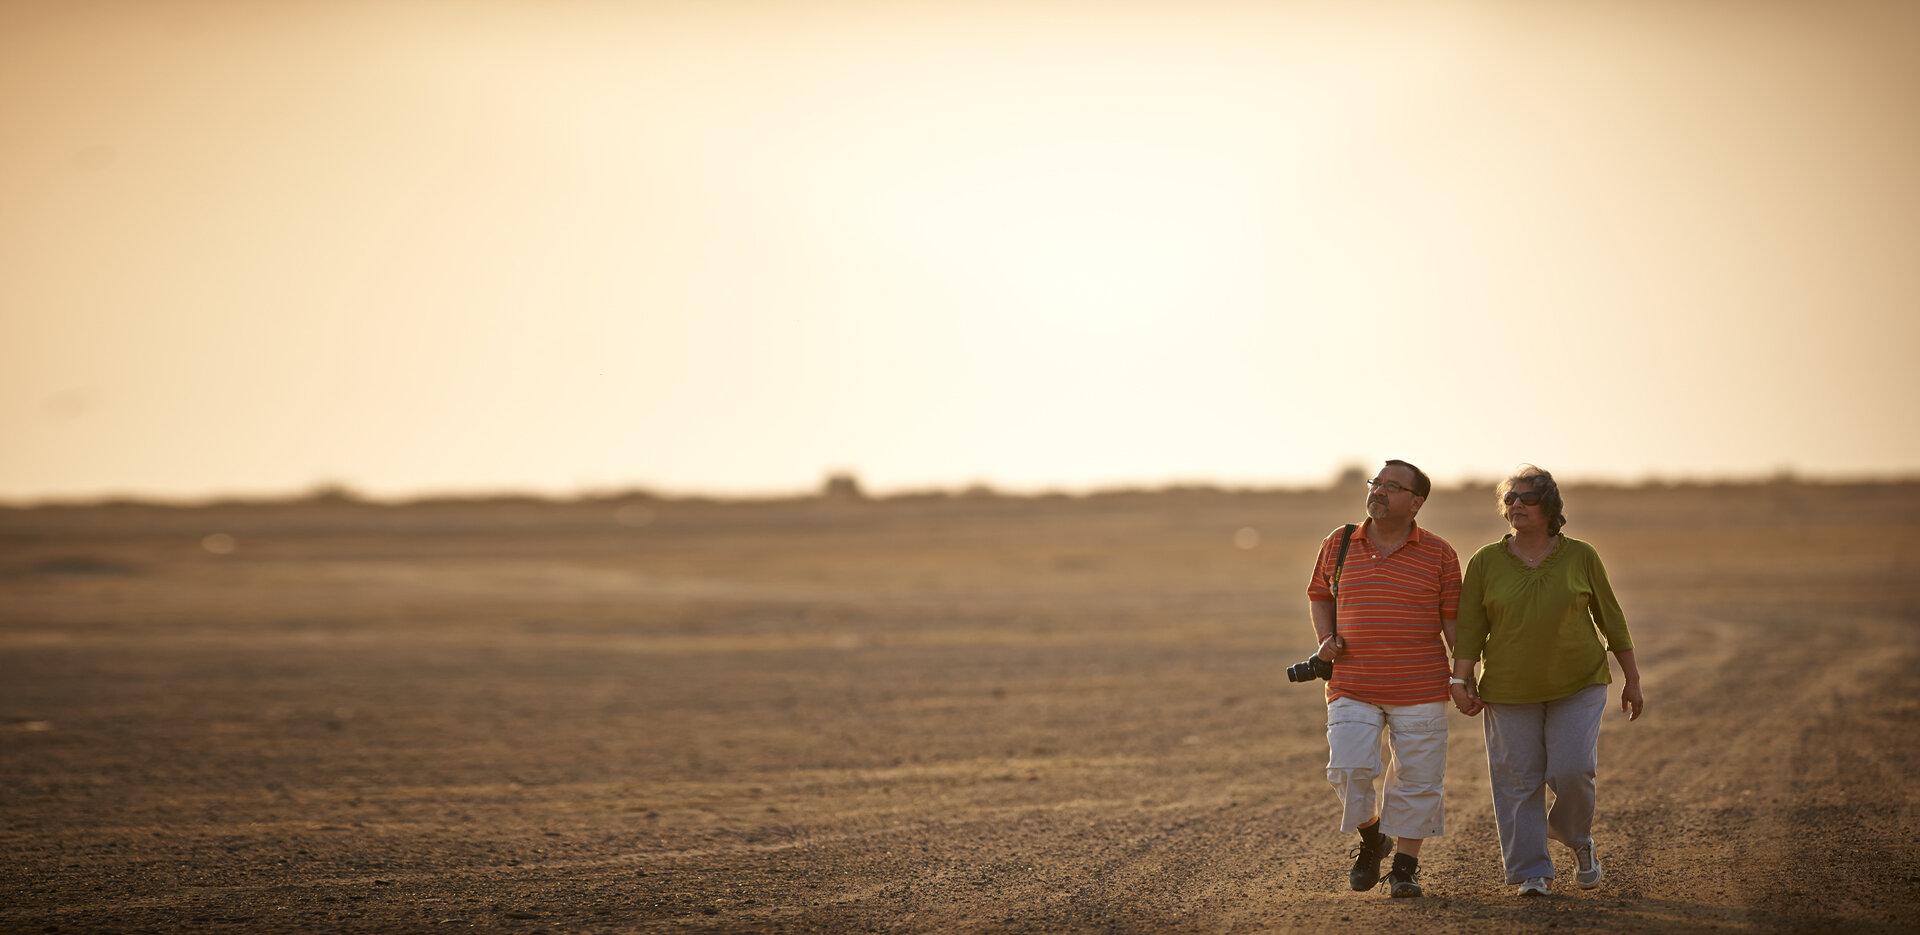 Travel Destinations in India for Senior Citizens